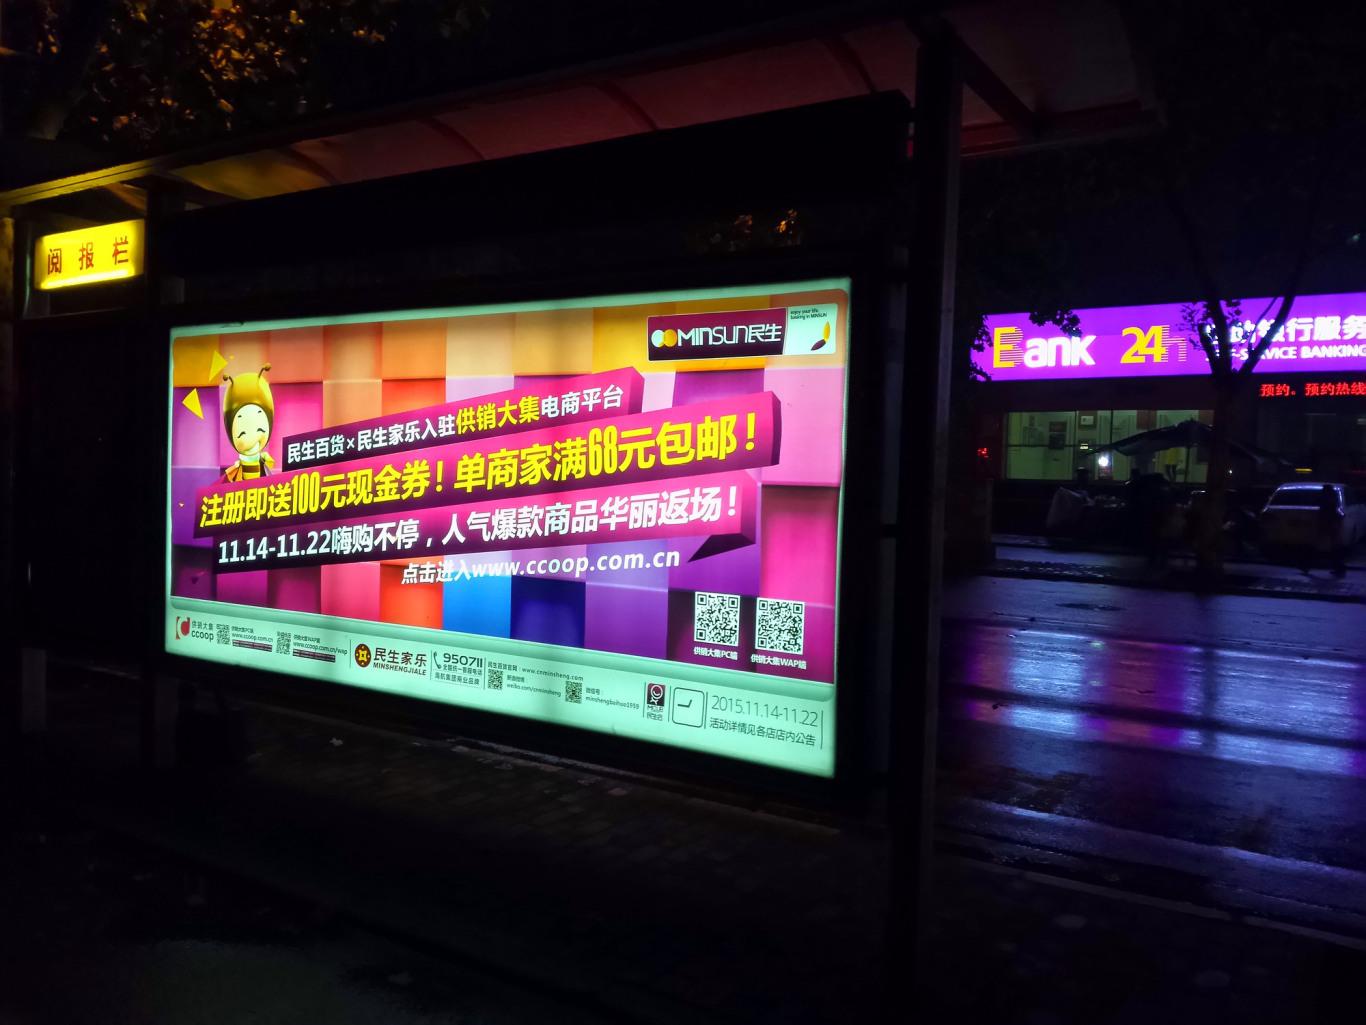 民生百货品牌推广图10